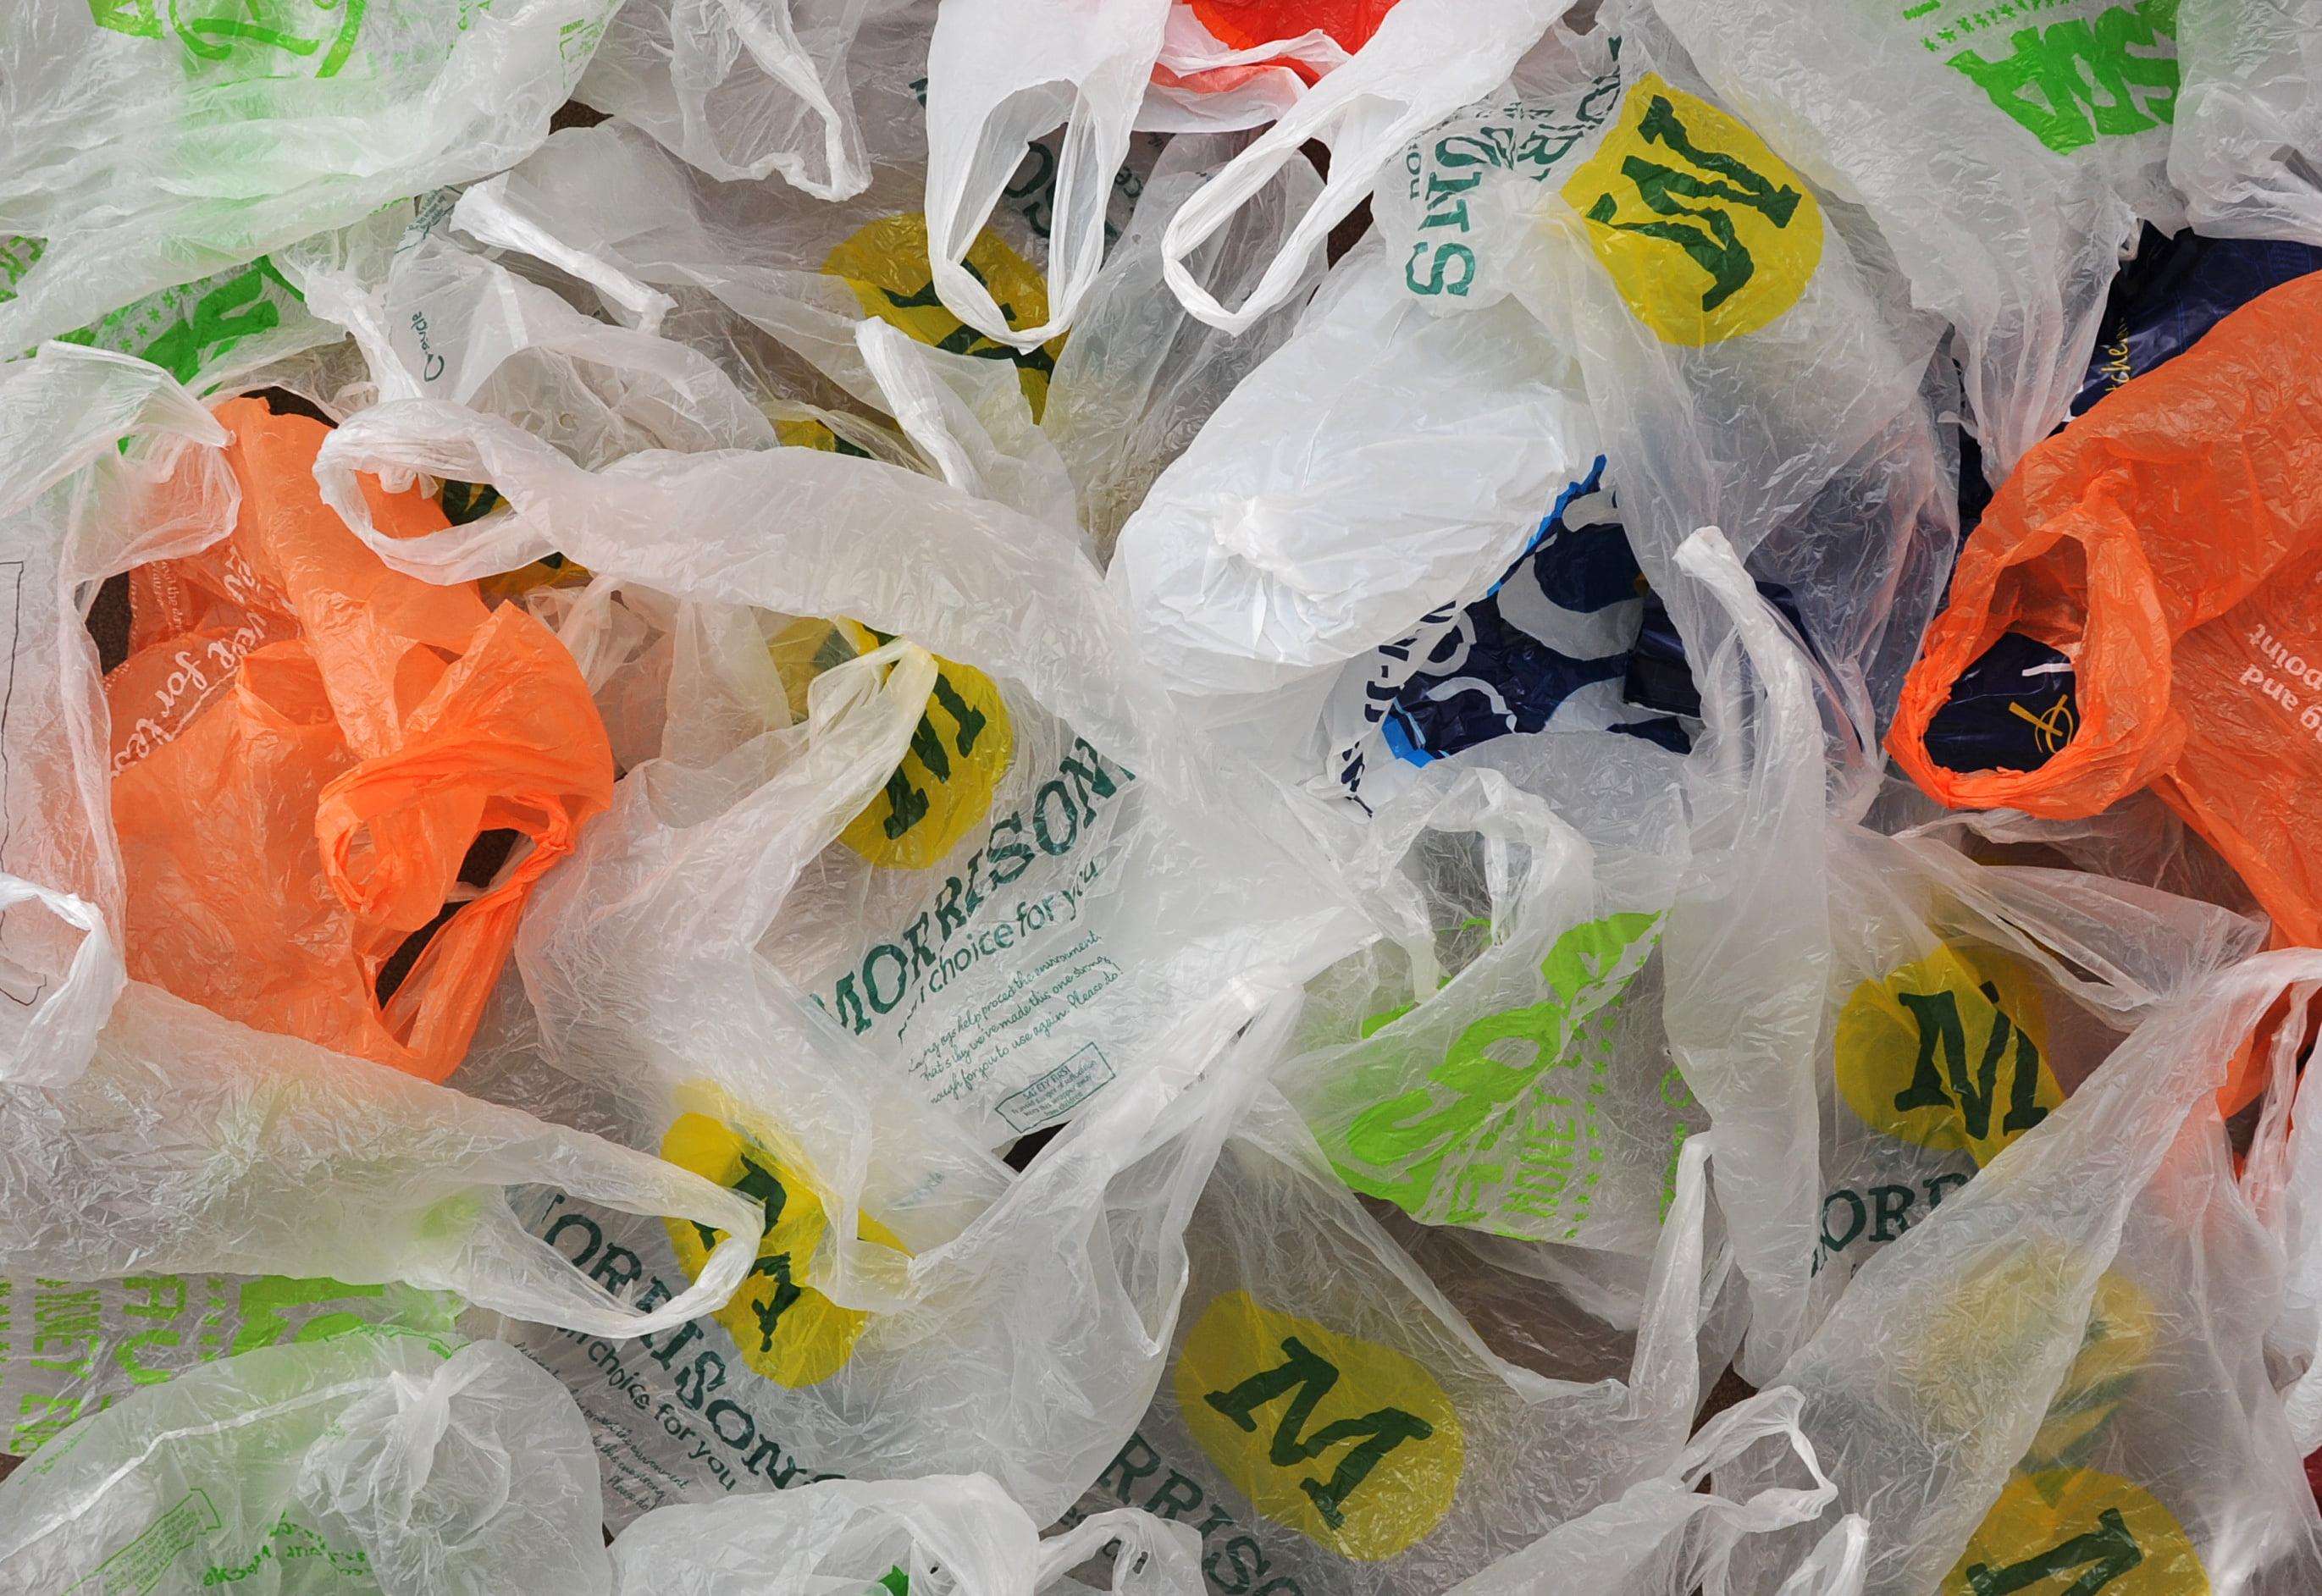 Внимание! Никогда не выкидывайте пластиковые пакеты!